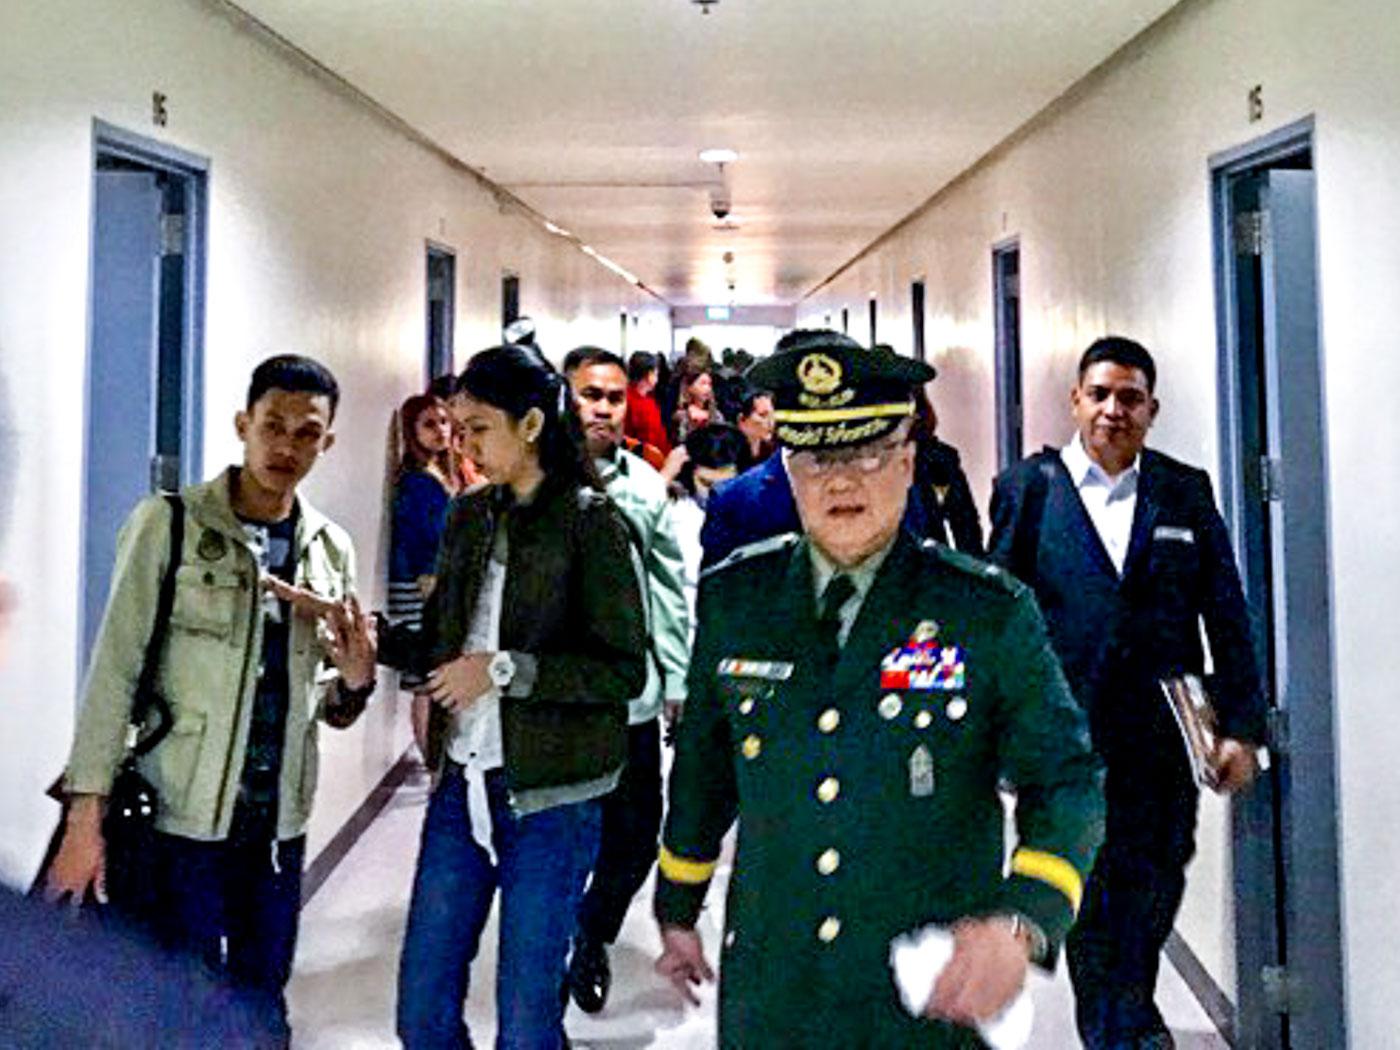 IN PHOTOS: Inside the Philippine Military Academy barracks